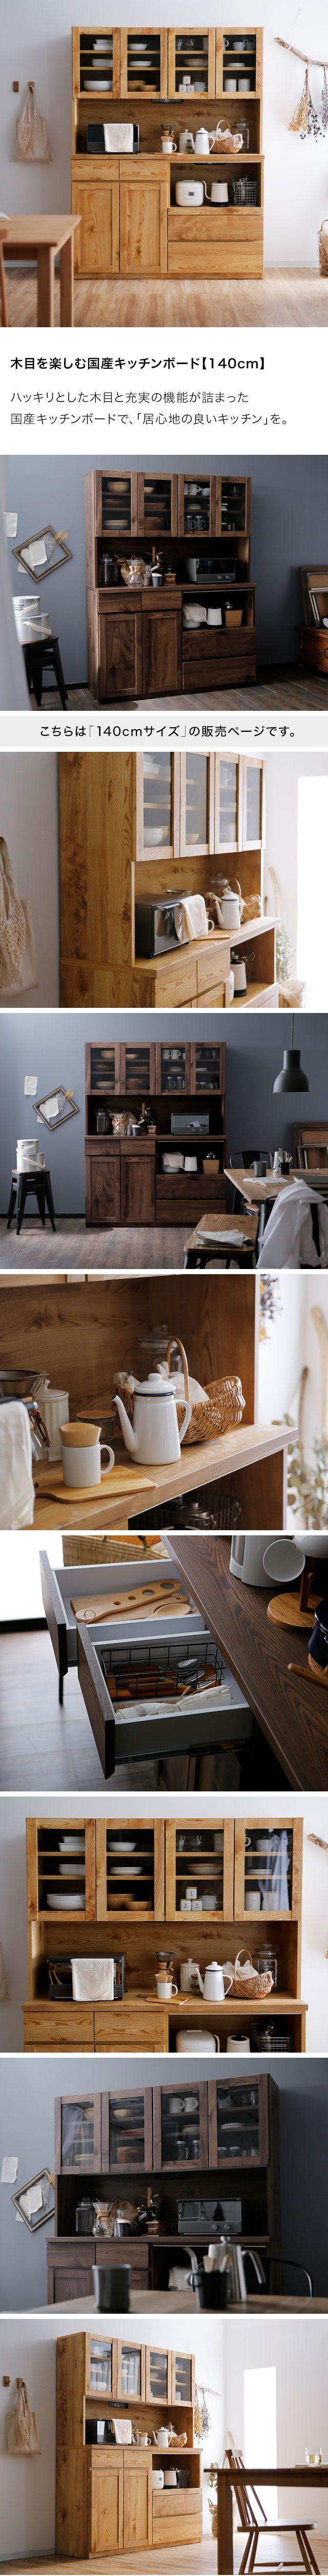 キッチン 収納 国産 日本製 開梱設置無料。食器棚 完成品 キッチン収納 140cm キッチンボード カップボード レンジ台 引き戸 スライド 引き出し スライドレール 可動棚 キッチン 耐震 収納 国産 日本製 開梱設置無料